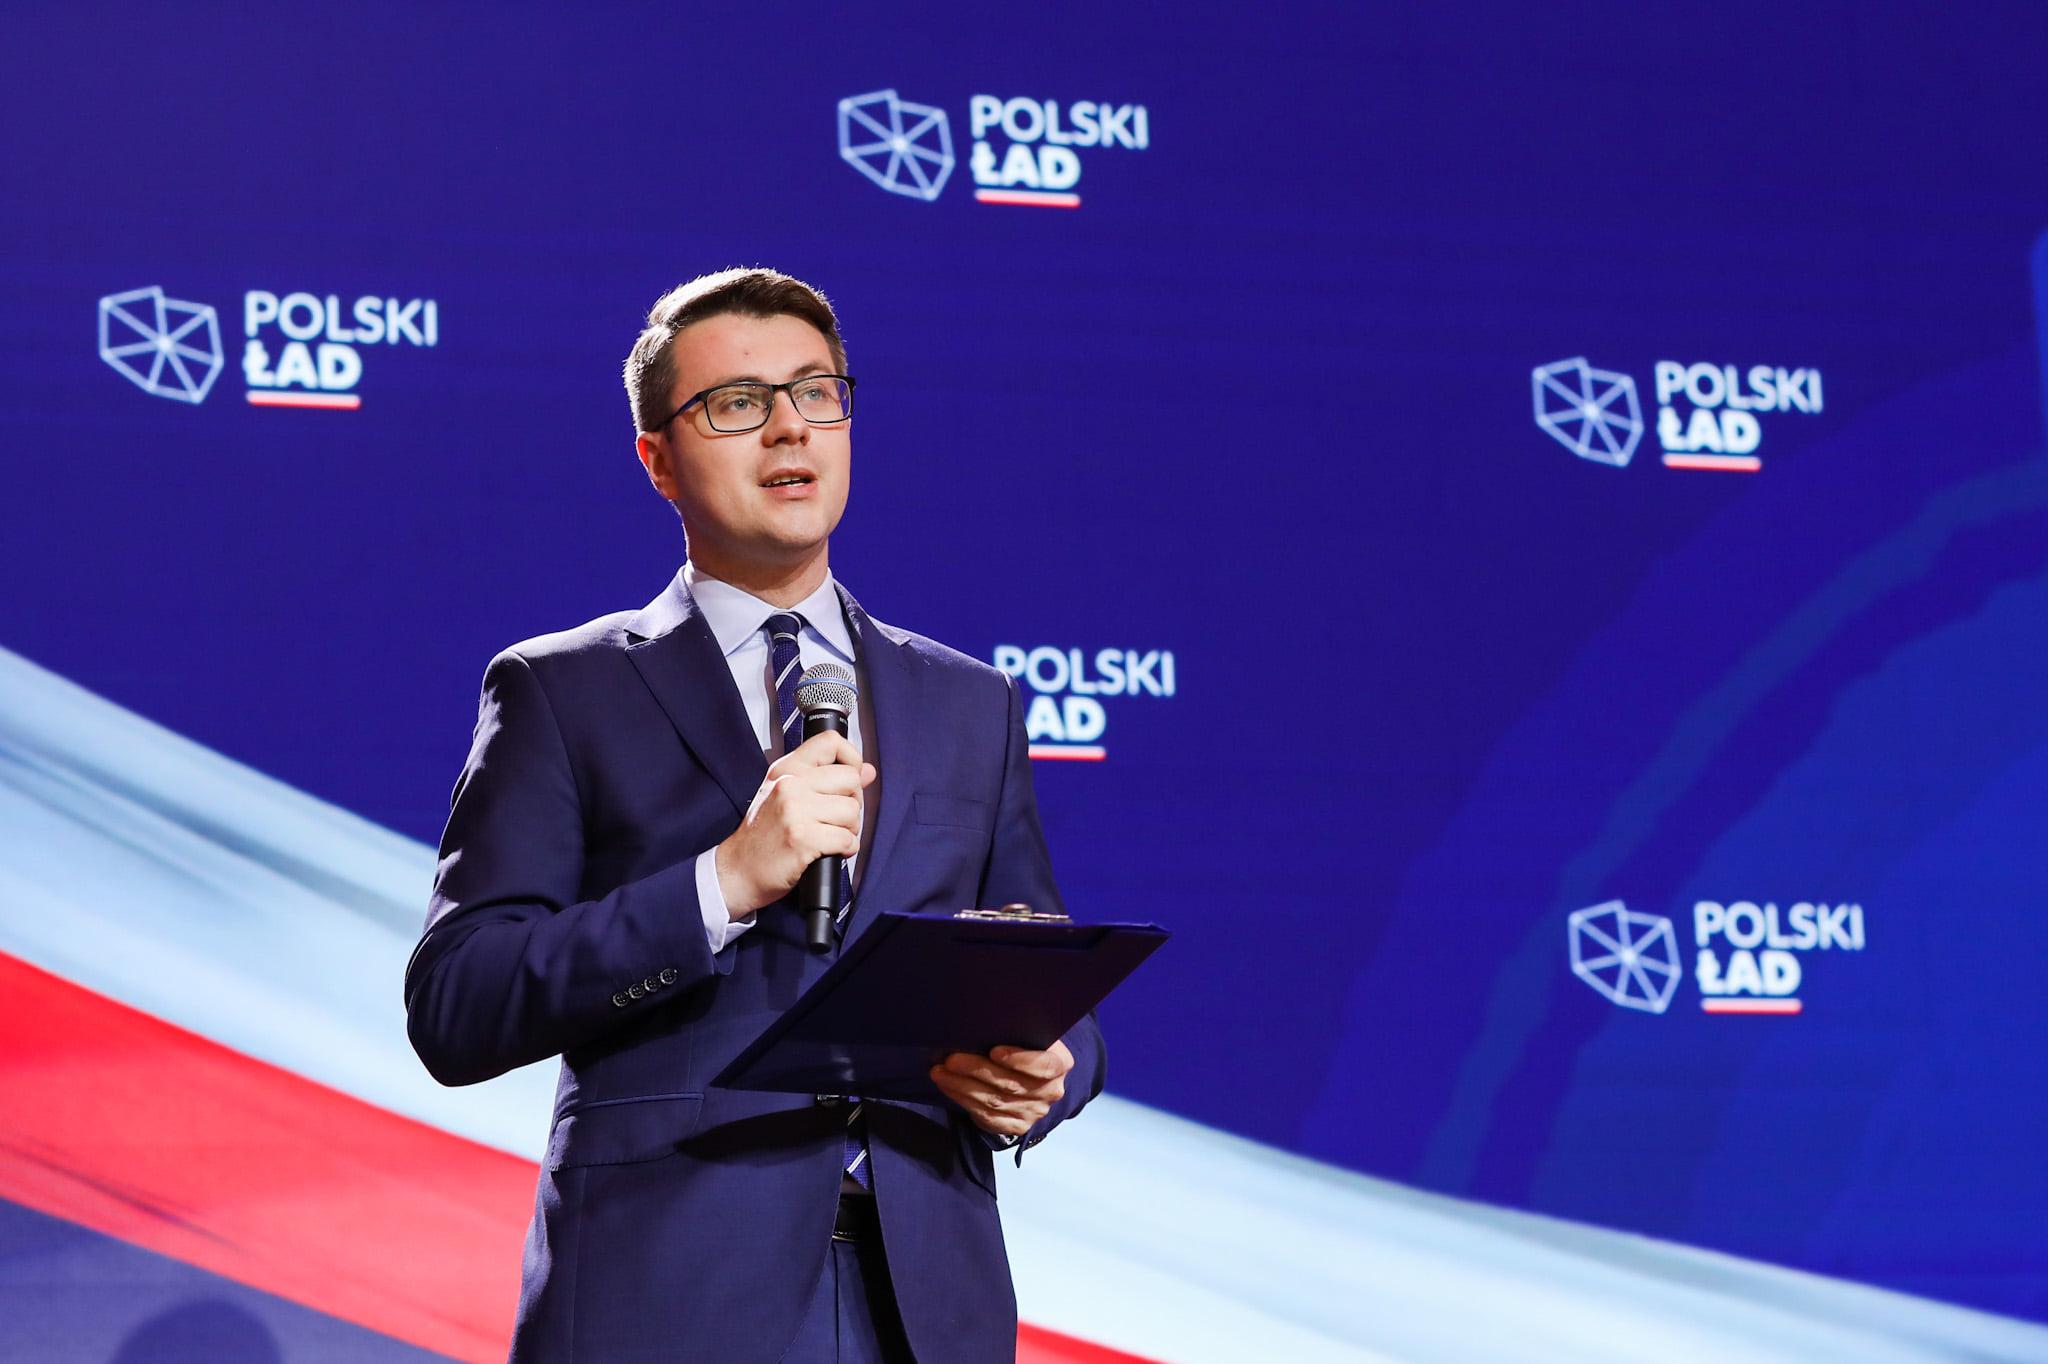 Kilkanaście dni temu rząd premiera Mateusza Morawieckiego przedstawił program Polski Ład, który ma pomóc wyjść z kryzysu po pandemii. Dzisiaj przedstawiono 10 projektów na kolejne 100 dni. Gotowych projektów konkretnych ustaw, które przełożą się na lepszą sytuację Polaków.